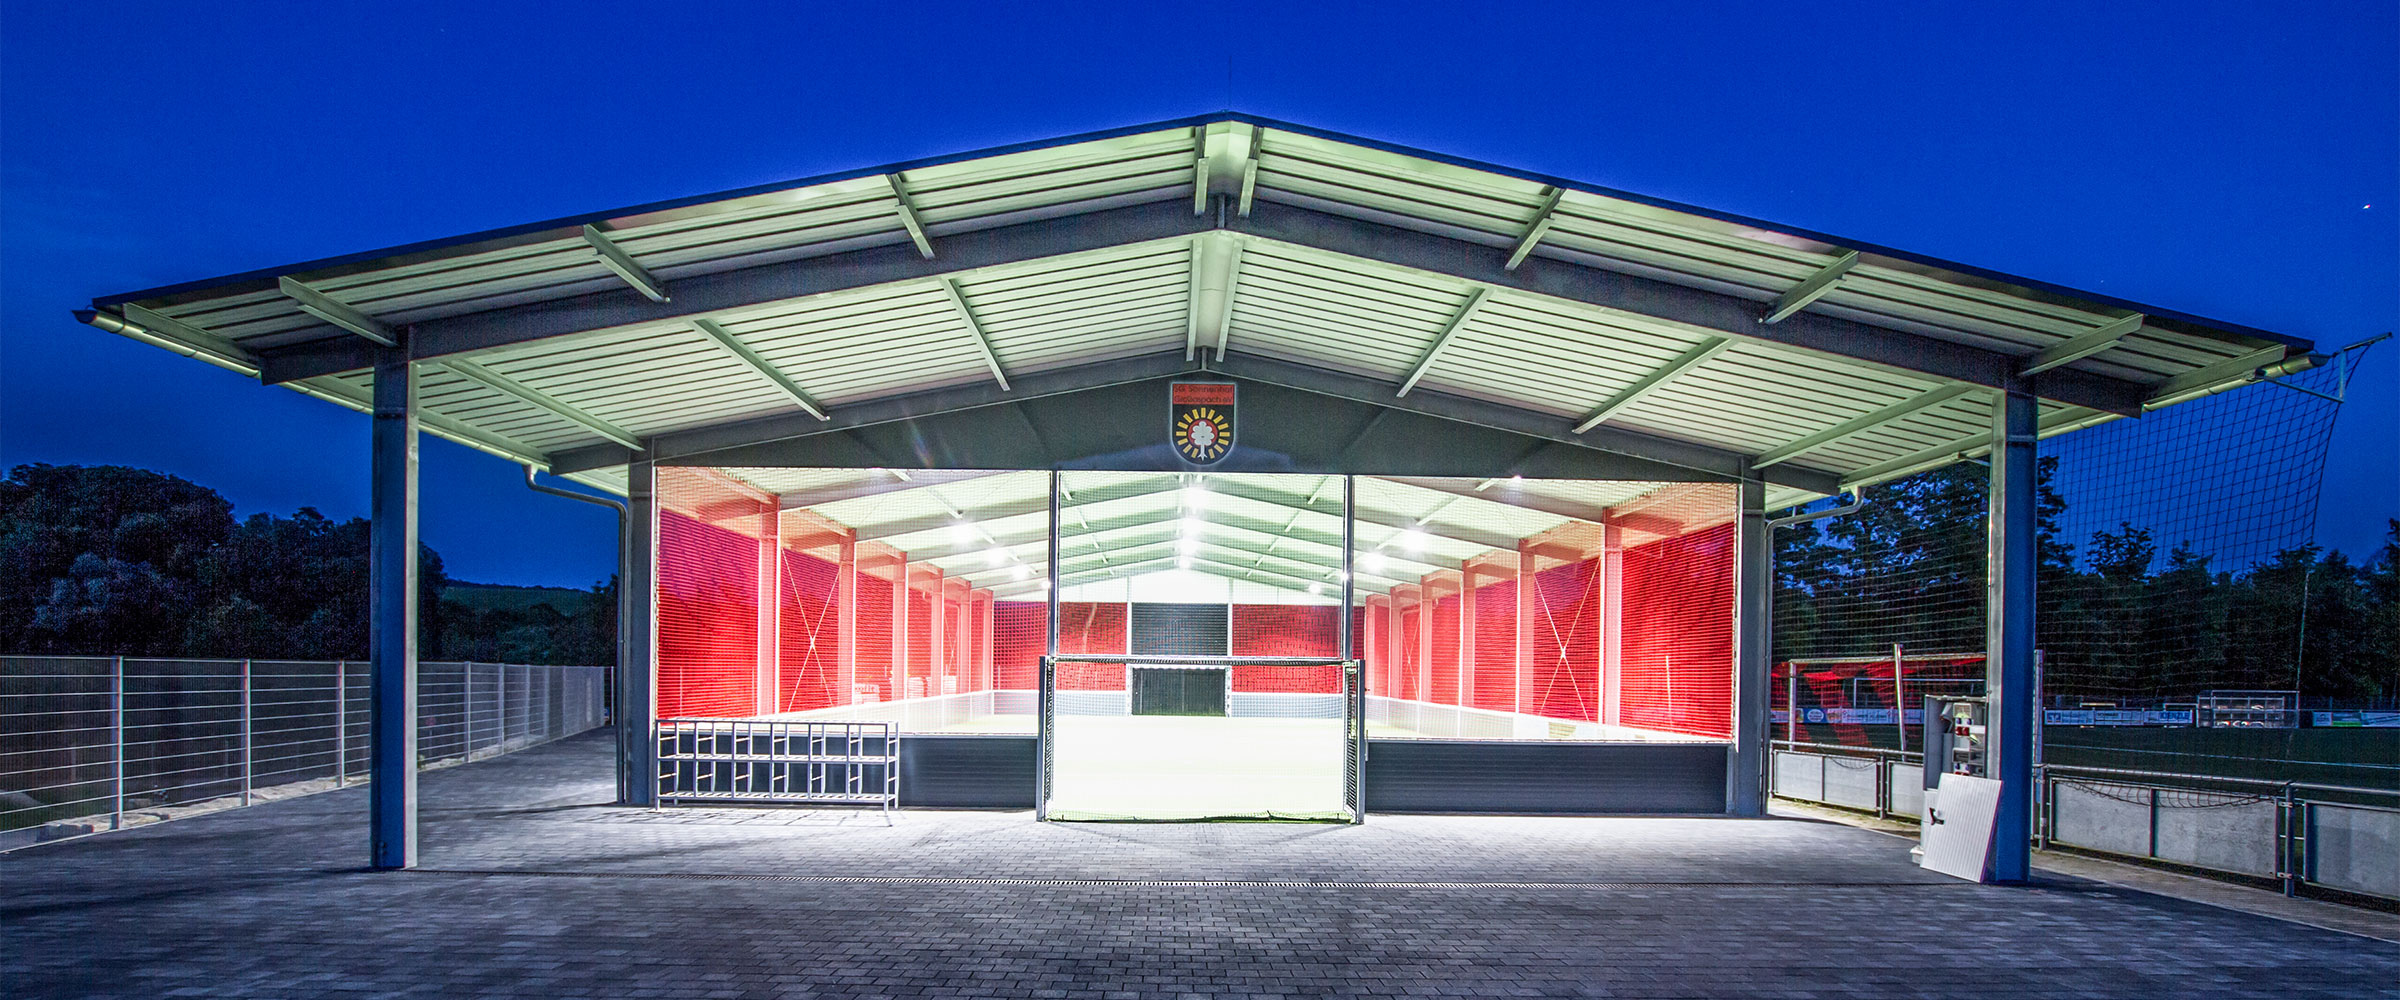 Die McArena Freilufthalle der SG Sonnenhof Großaspach